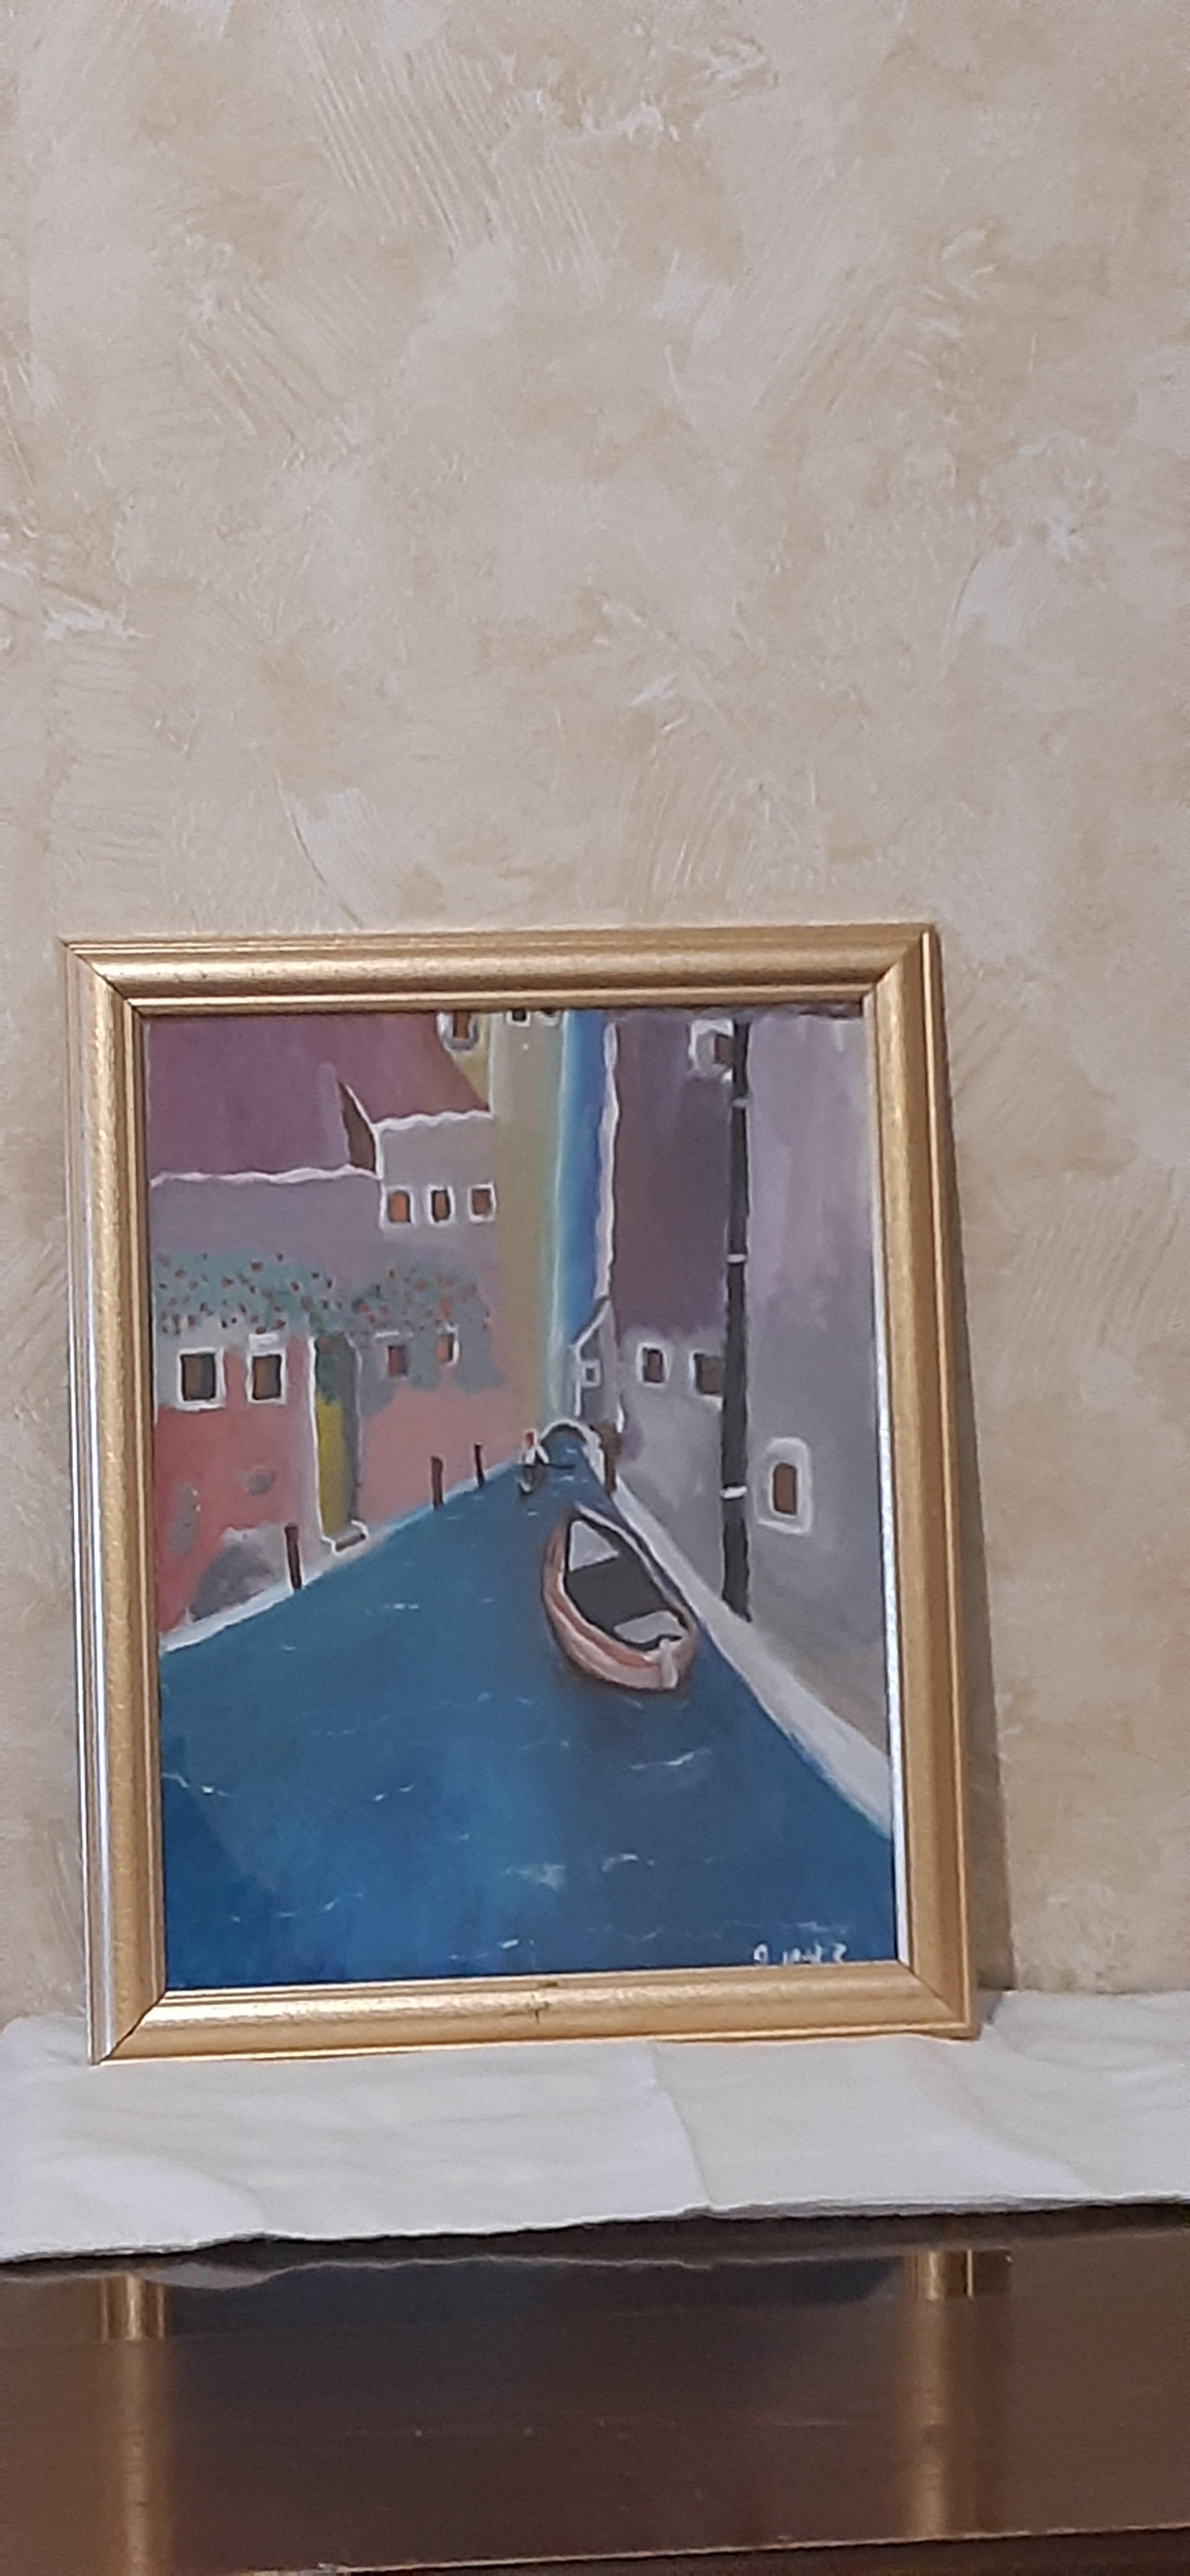 Mirza. Venice